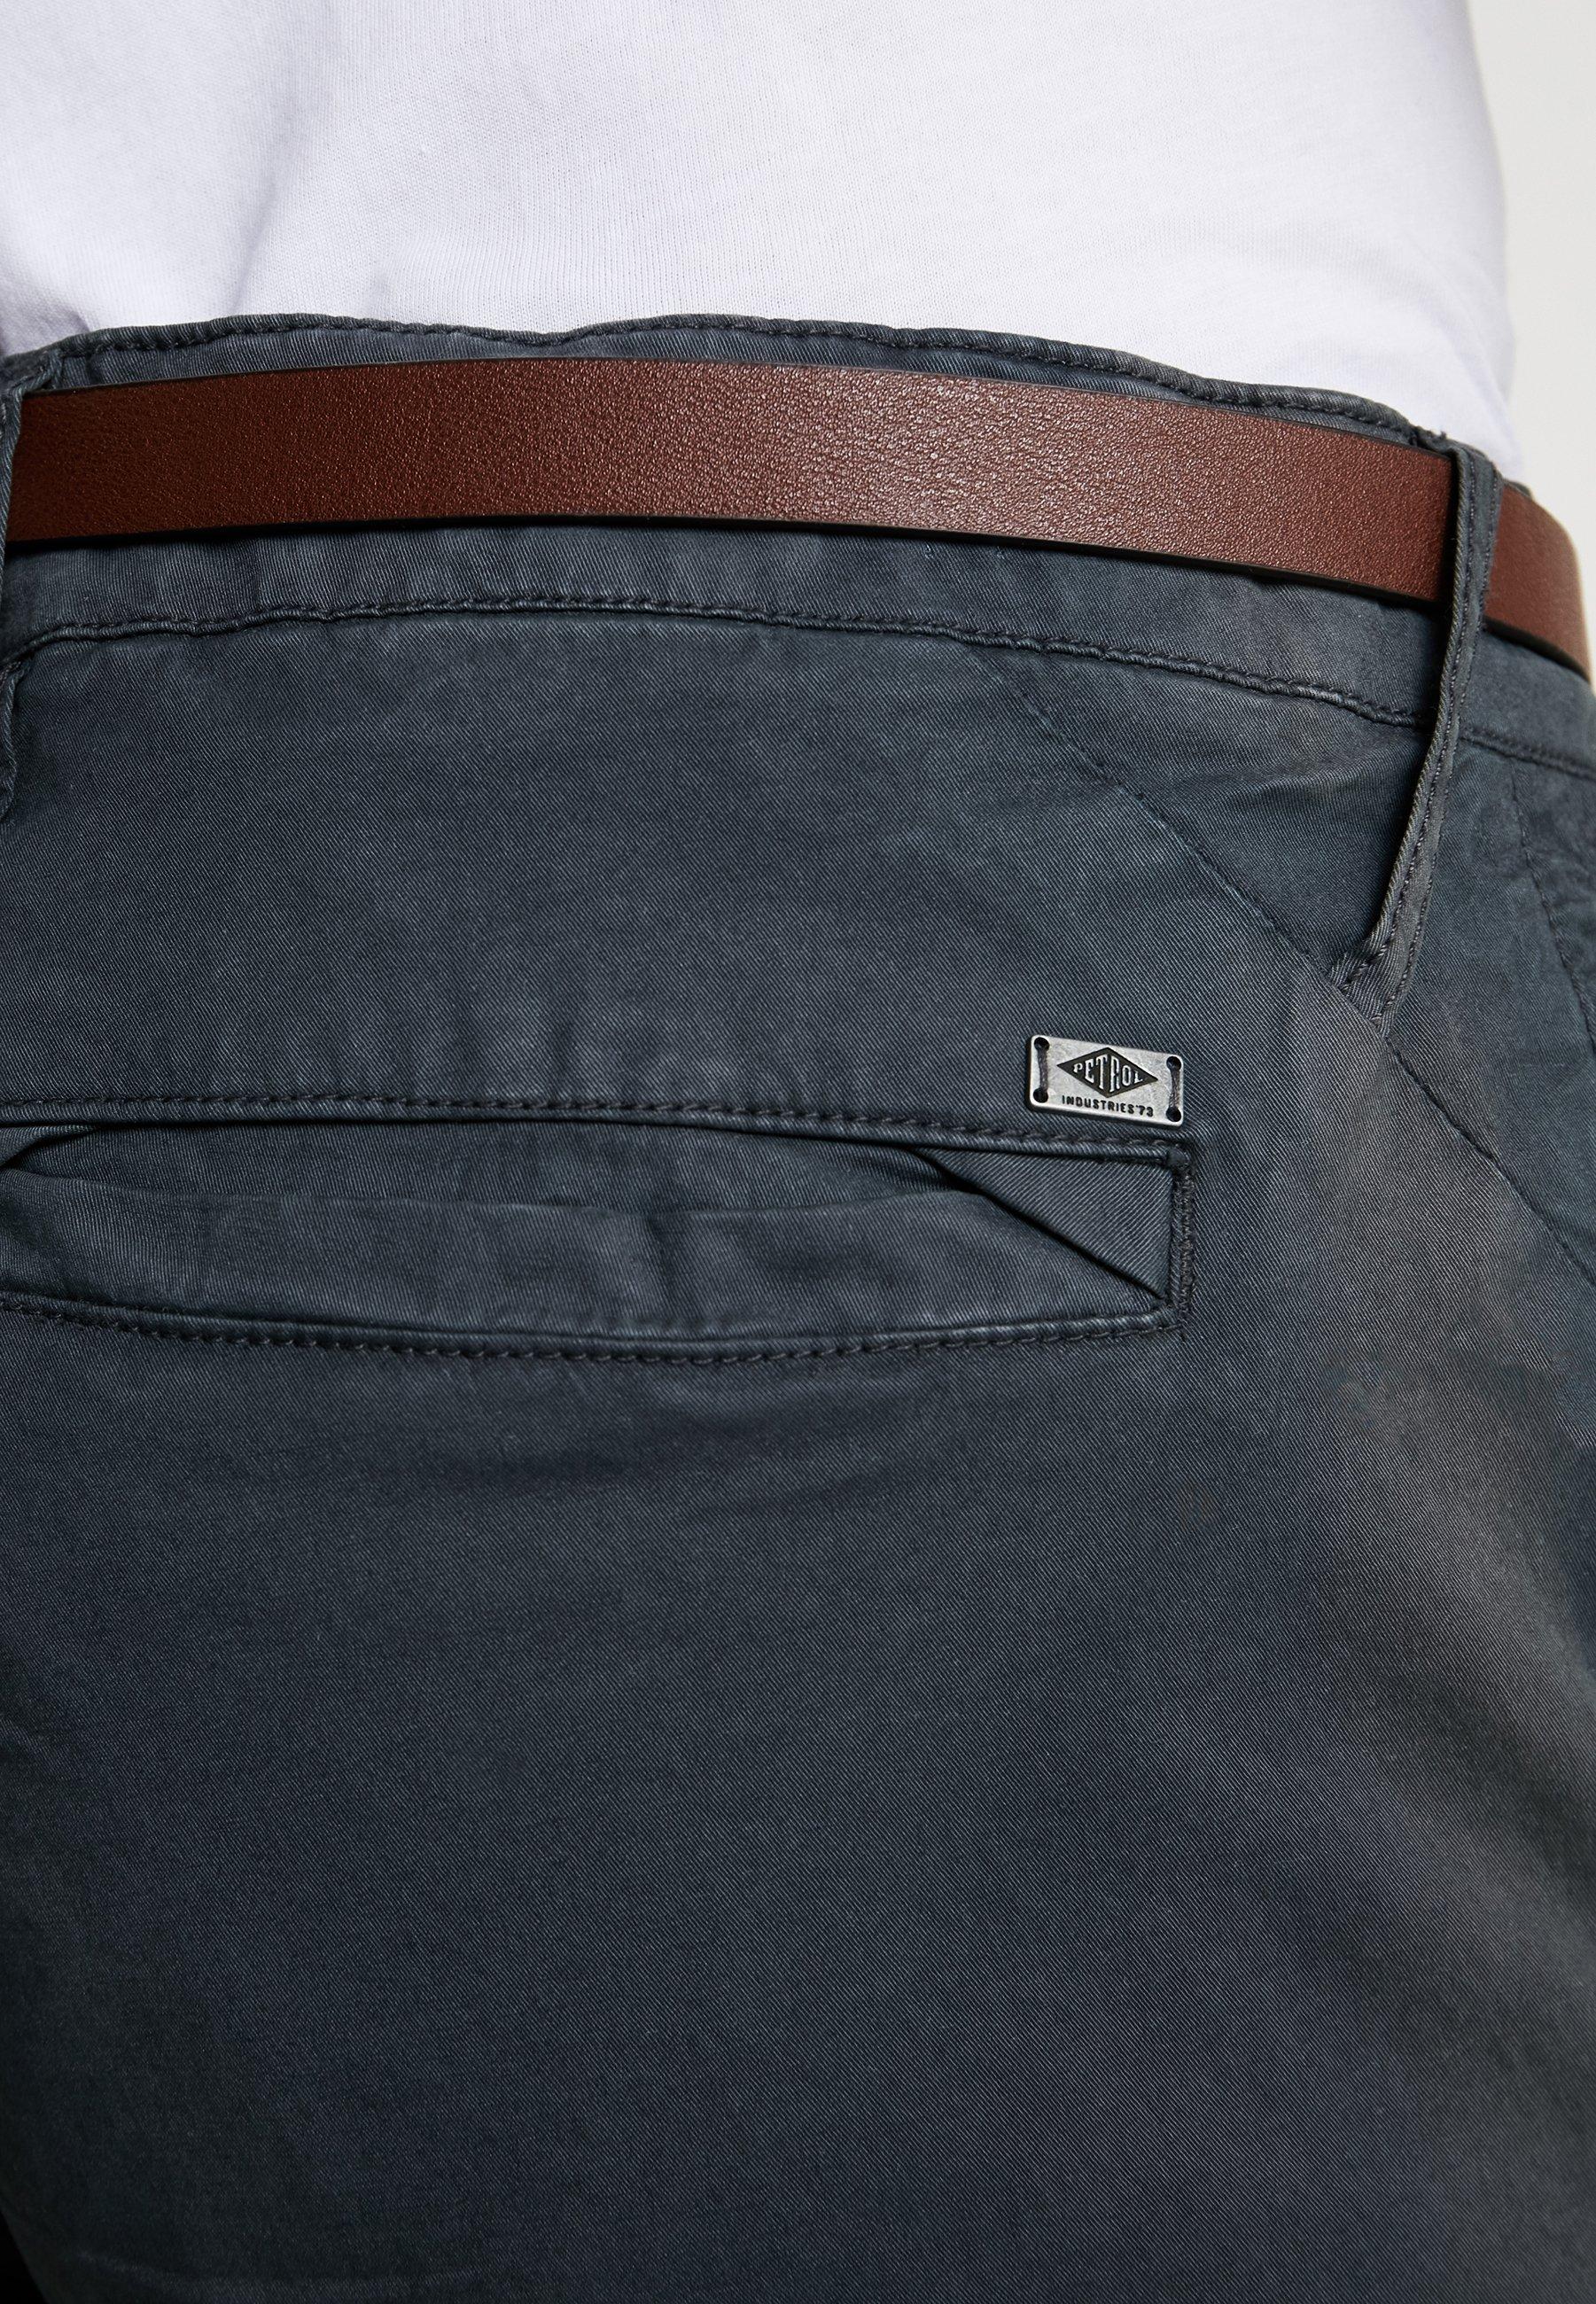 Petrol Industries Bukse - raven grey